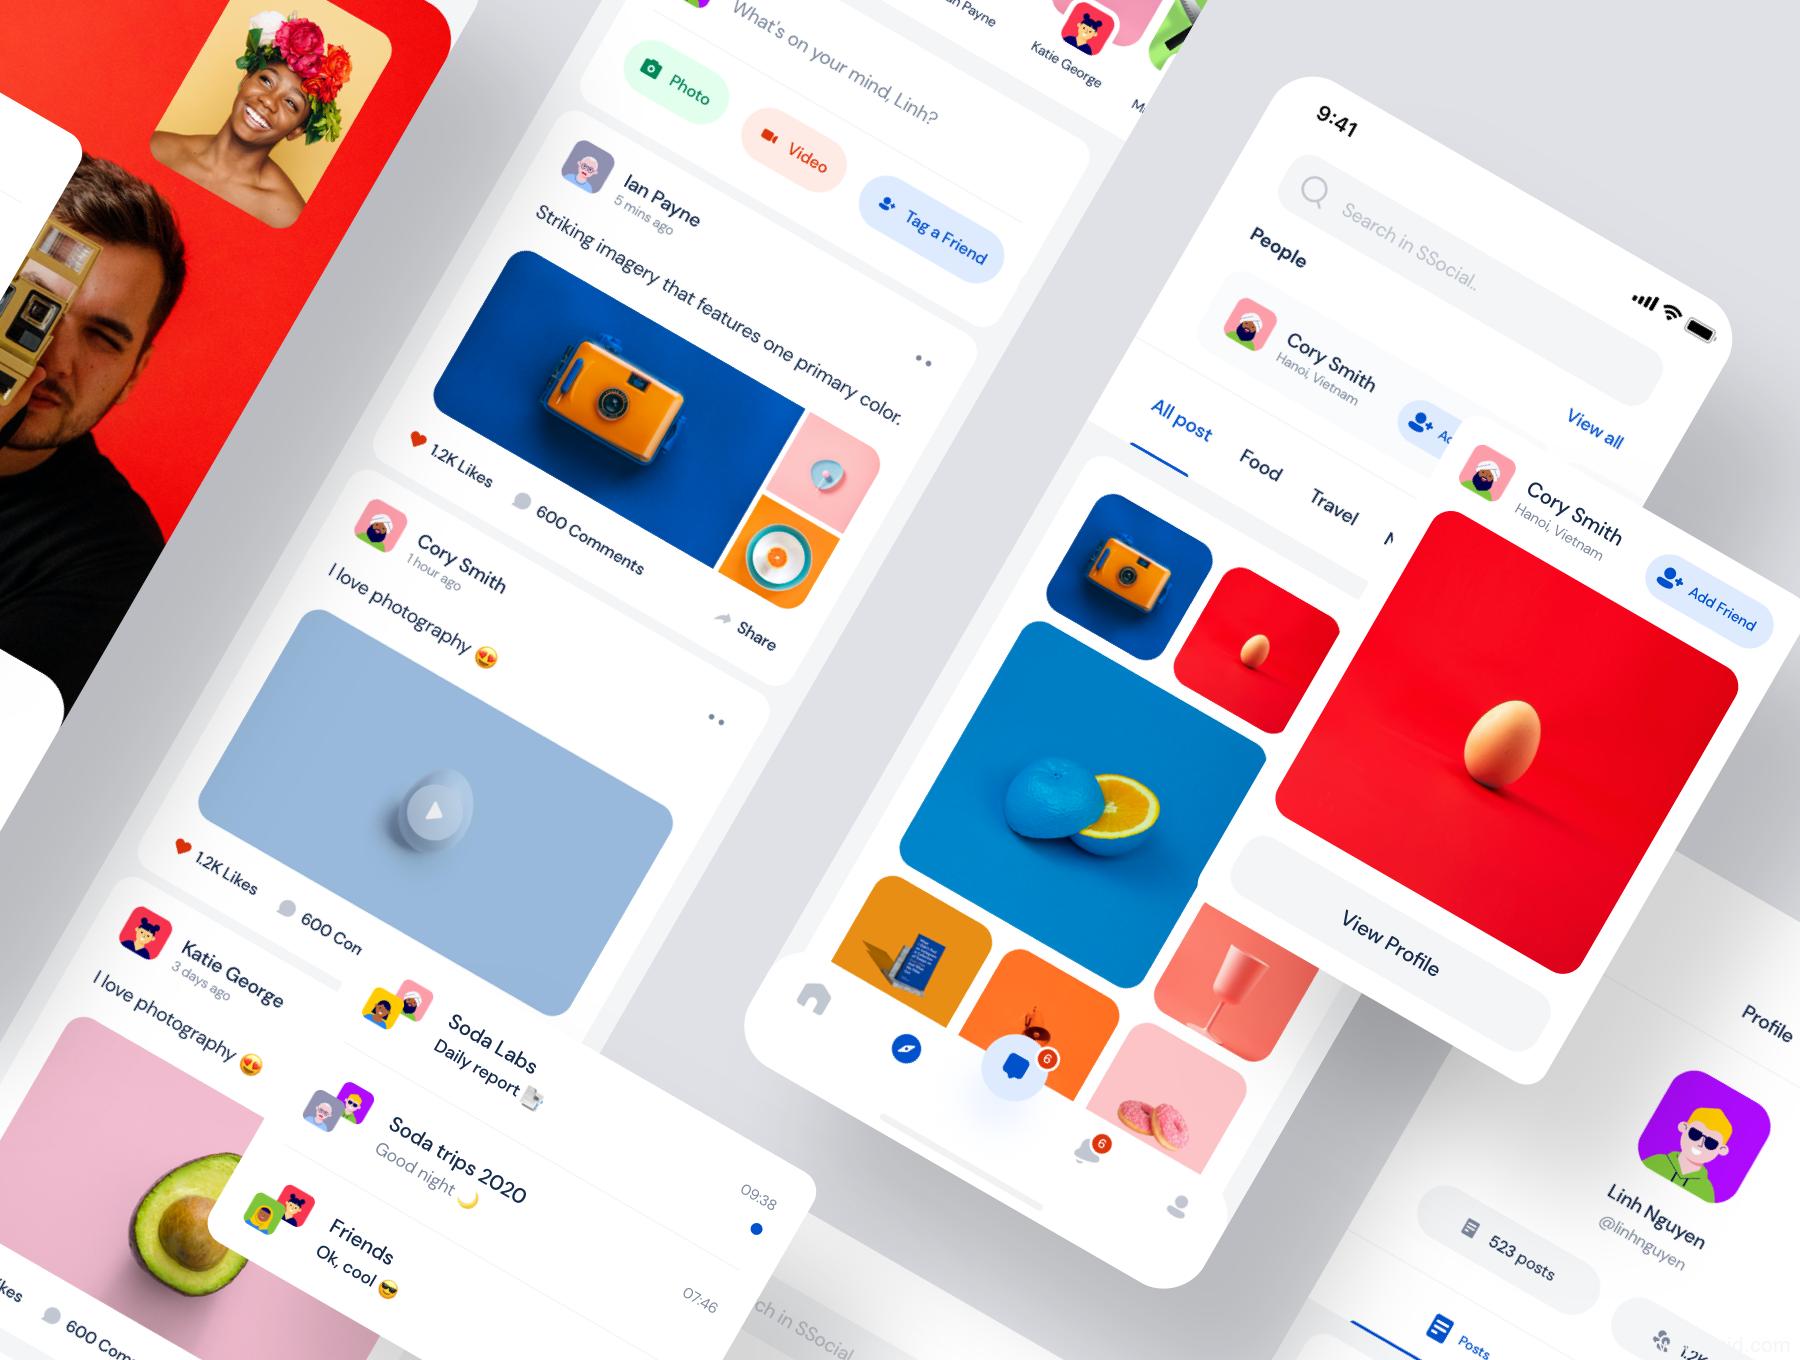 高质量社交平台app UI源文件下载,图片社交app UI设计资源下载,社交app sketch源文件下载